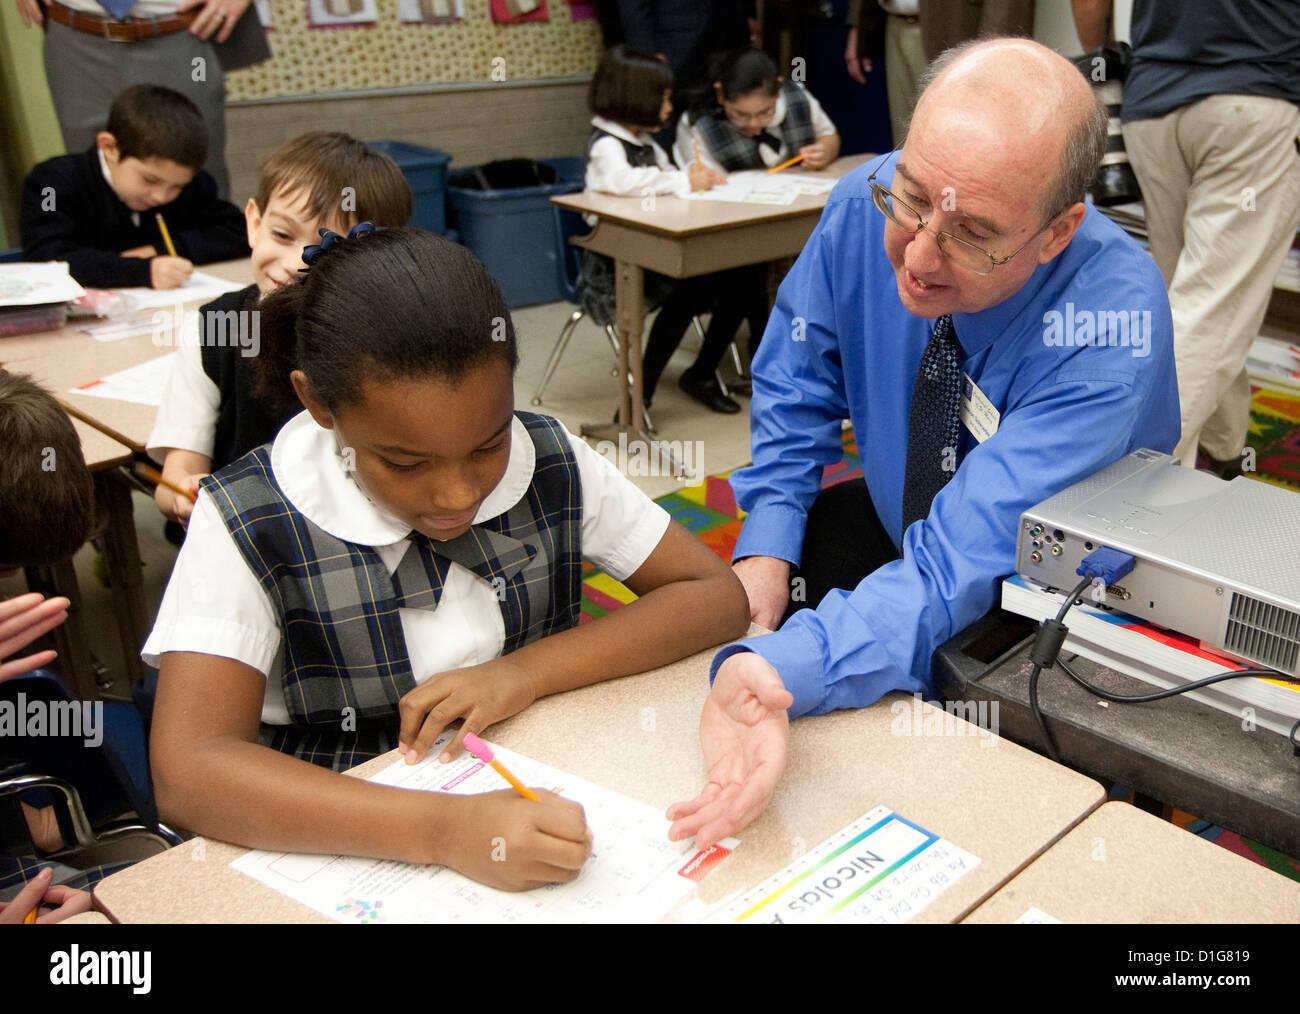 Weißen männlichen Lehrer unterstützt die Afro-Amerikaner und Anglo-Studierenden in Uniform an private Stockbild